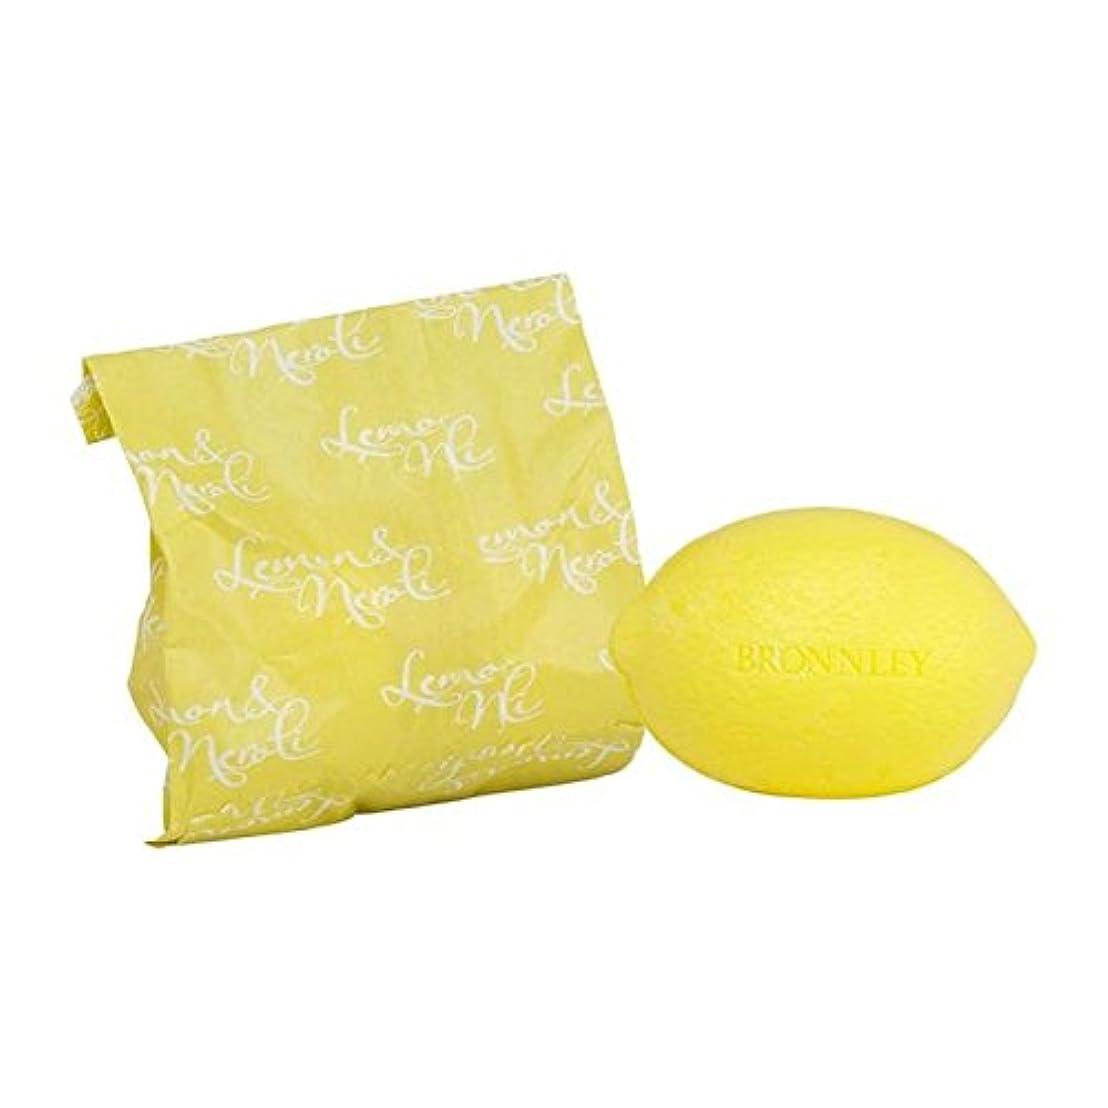 すり減るアブセイティームレモン&ネロリ石鹸100グラム x2 - Bronnley Lemon & Neroli Soap 100g (Pack of 2) [並行輸入品]